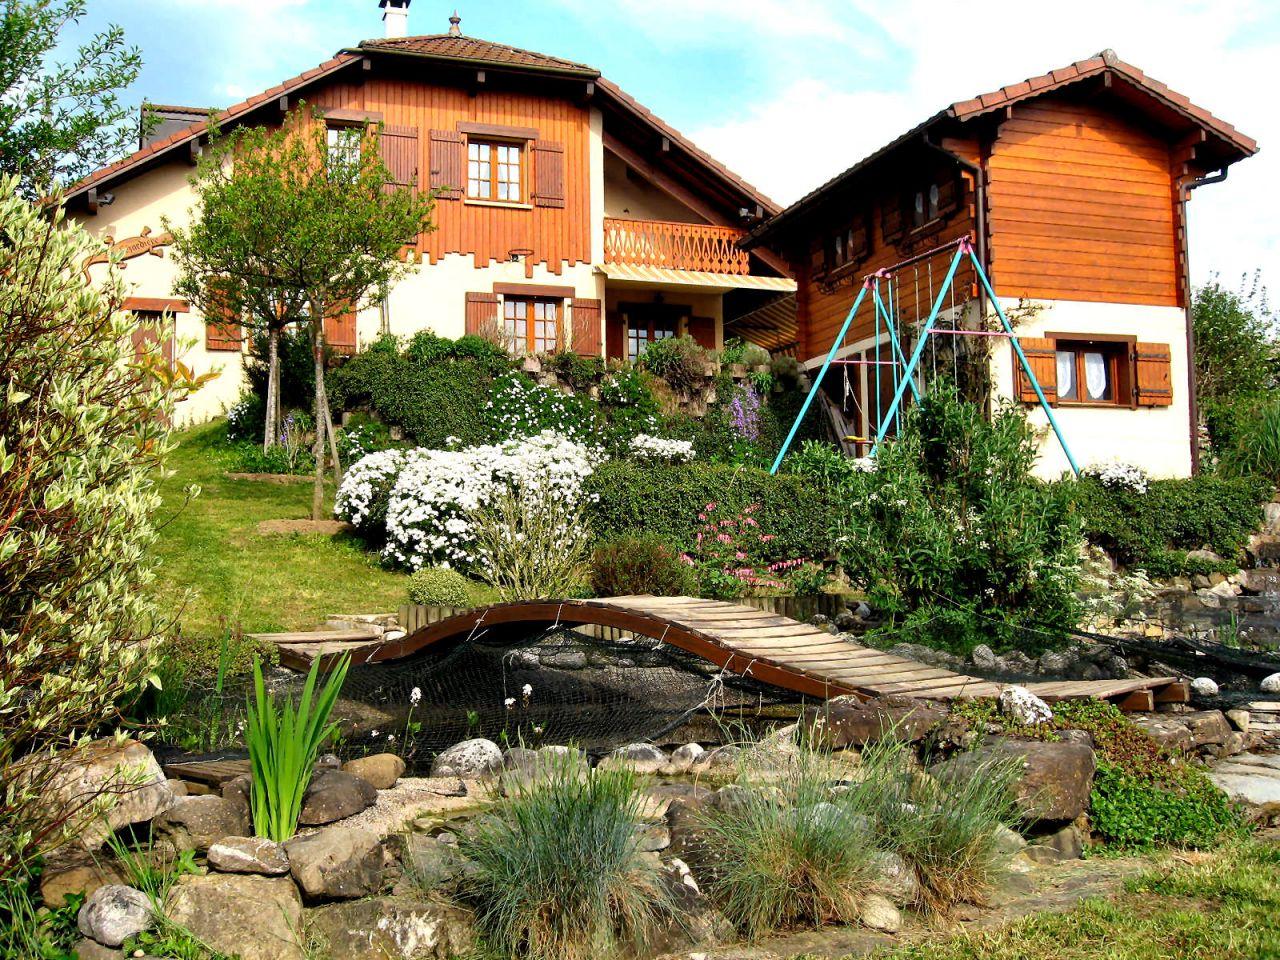 Vente de l'ancienne maison, adieux au jardin en terrasses et au bassin à poisssons